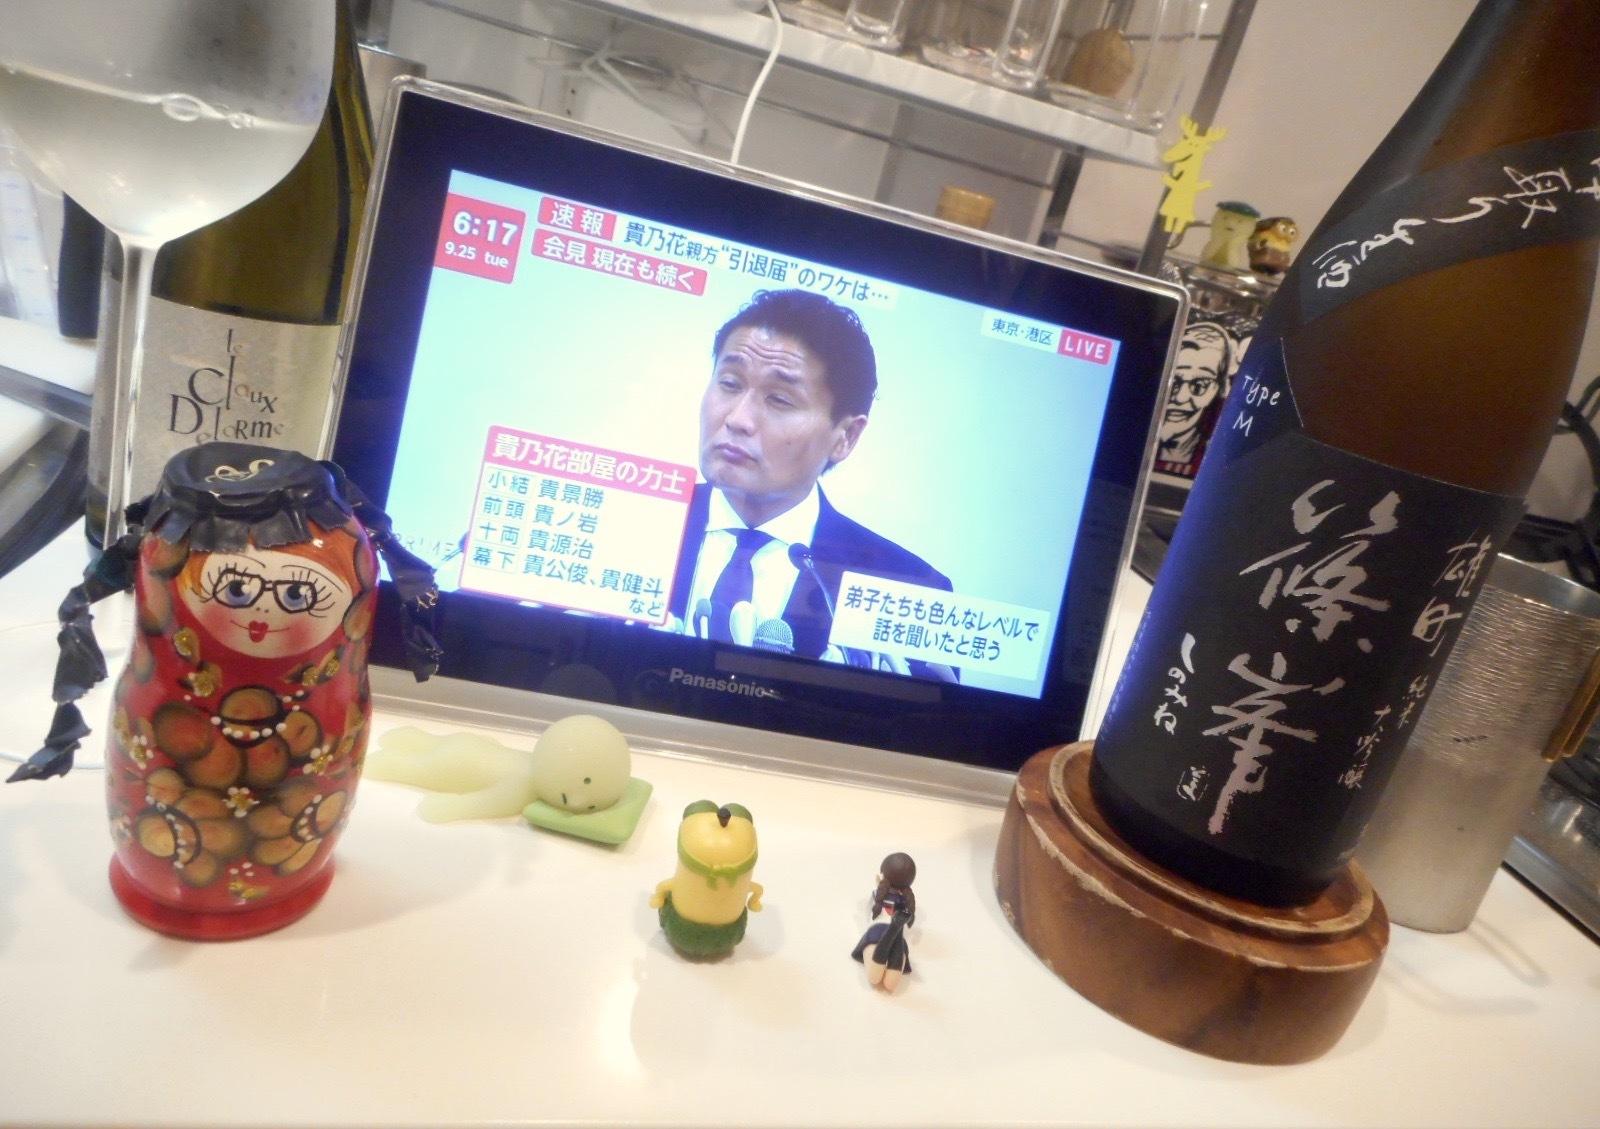 shinomine_type_m29by3_10.jpg